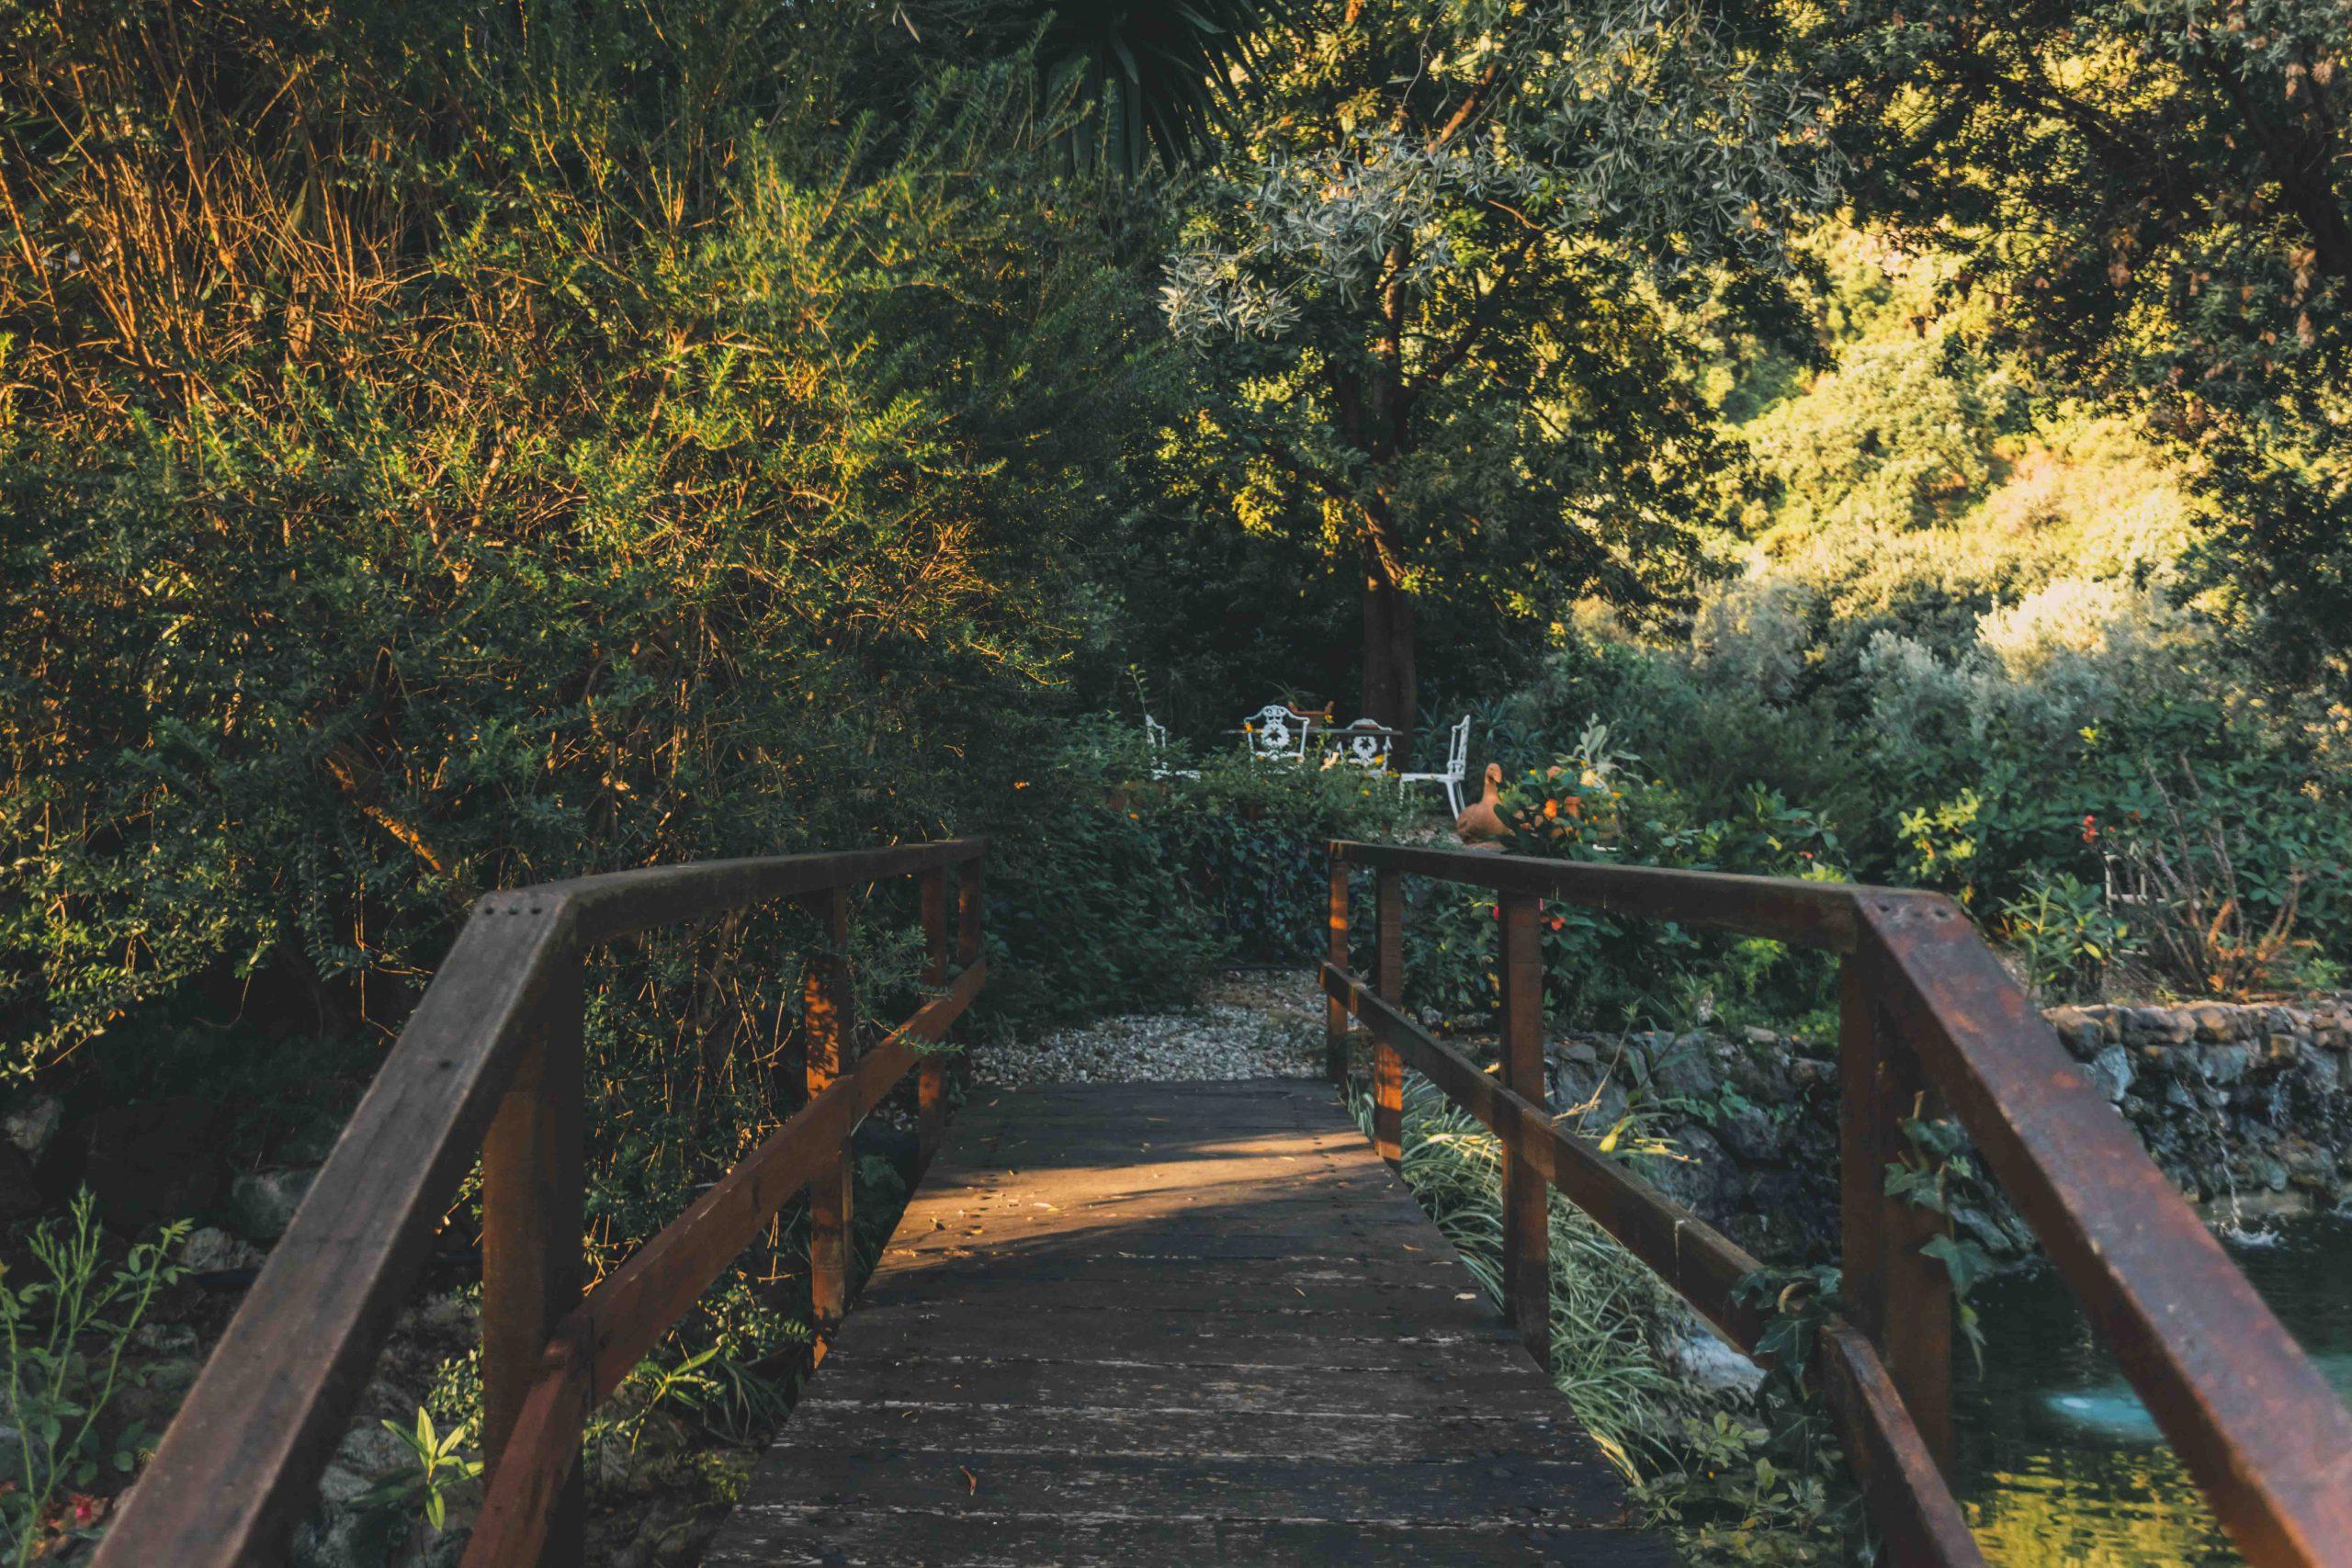 La strada per la felicità non sempre è come ce la immaginiamo, ma quasi sempre è sotto i nostri occhi. Villa Musmeci è il ponte che ti guiderà fino a essa: partiamo insieme per questo viaggio!